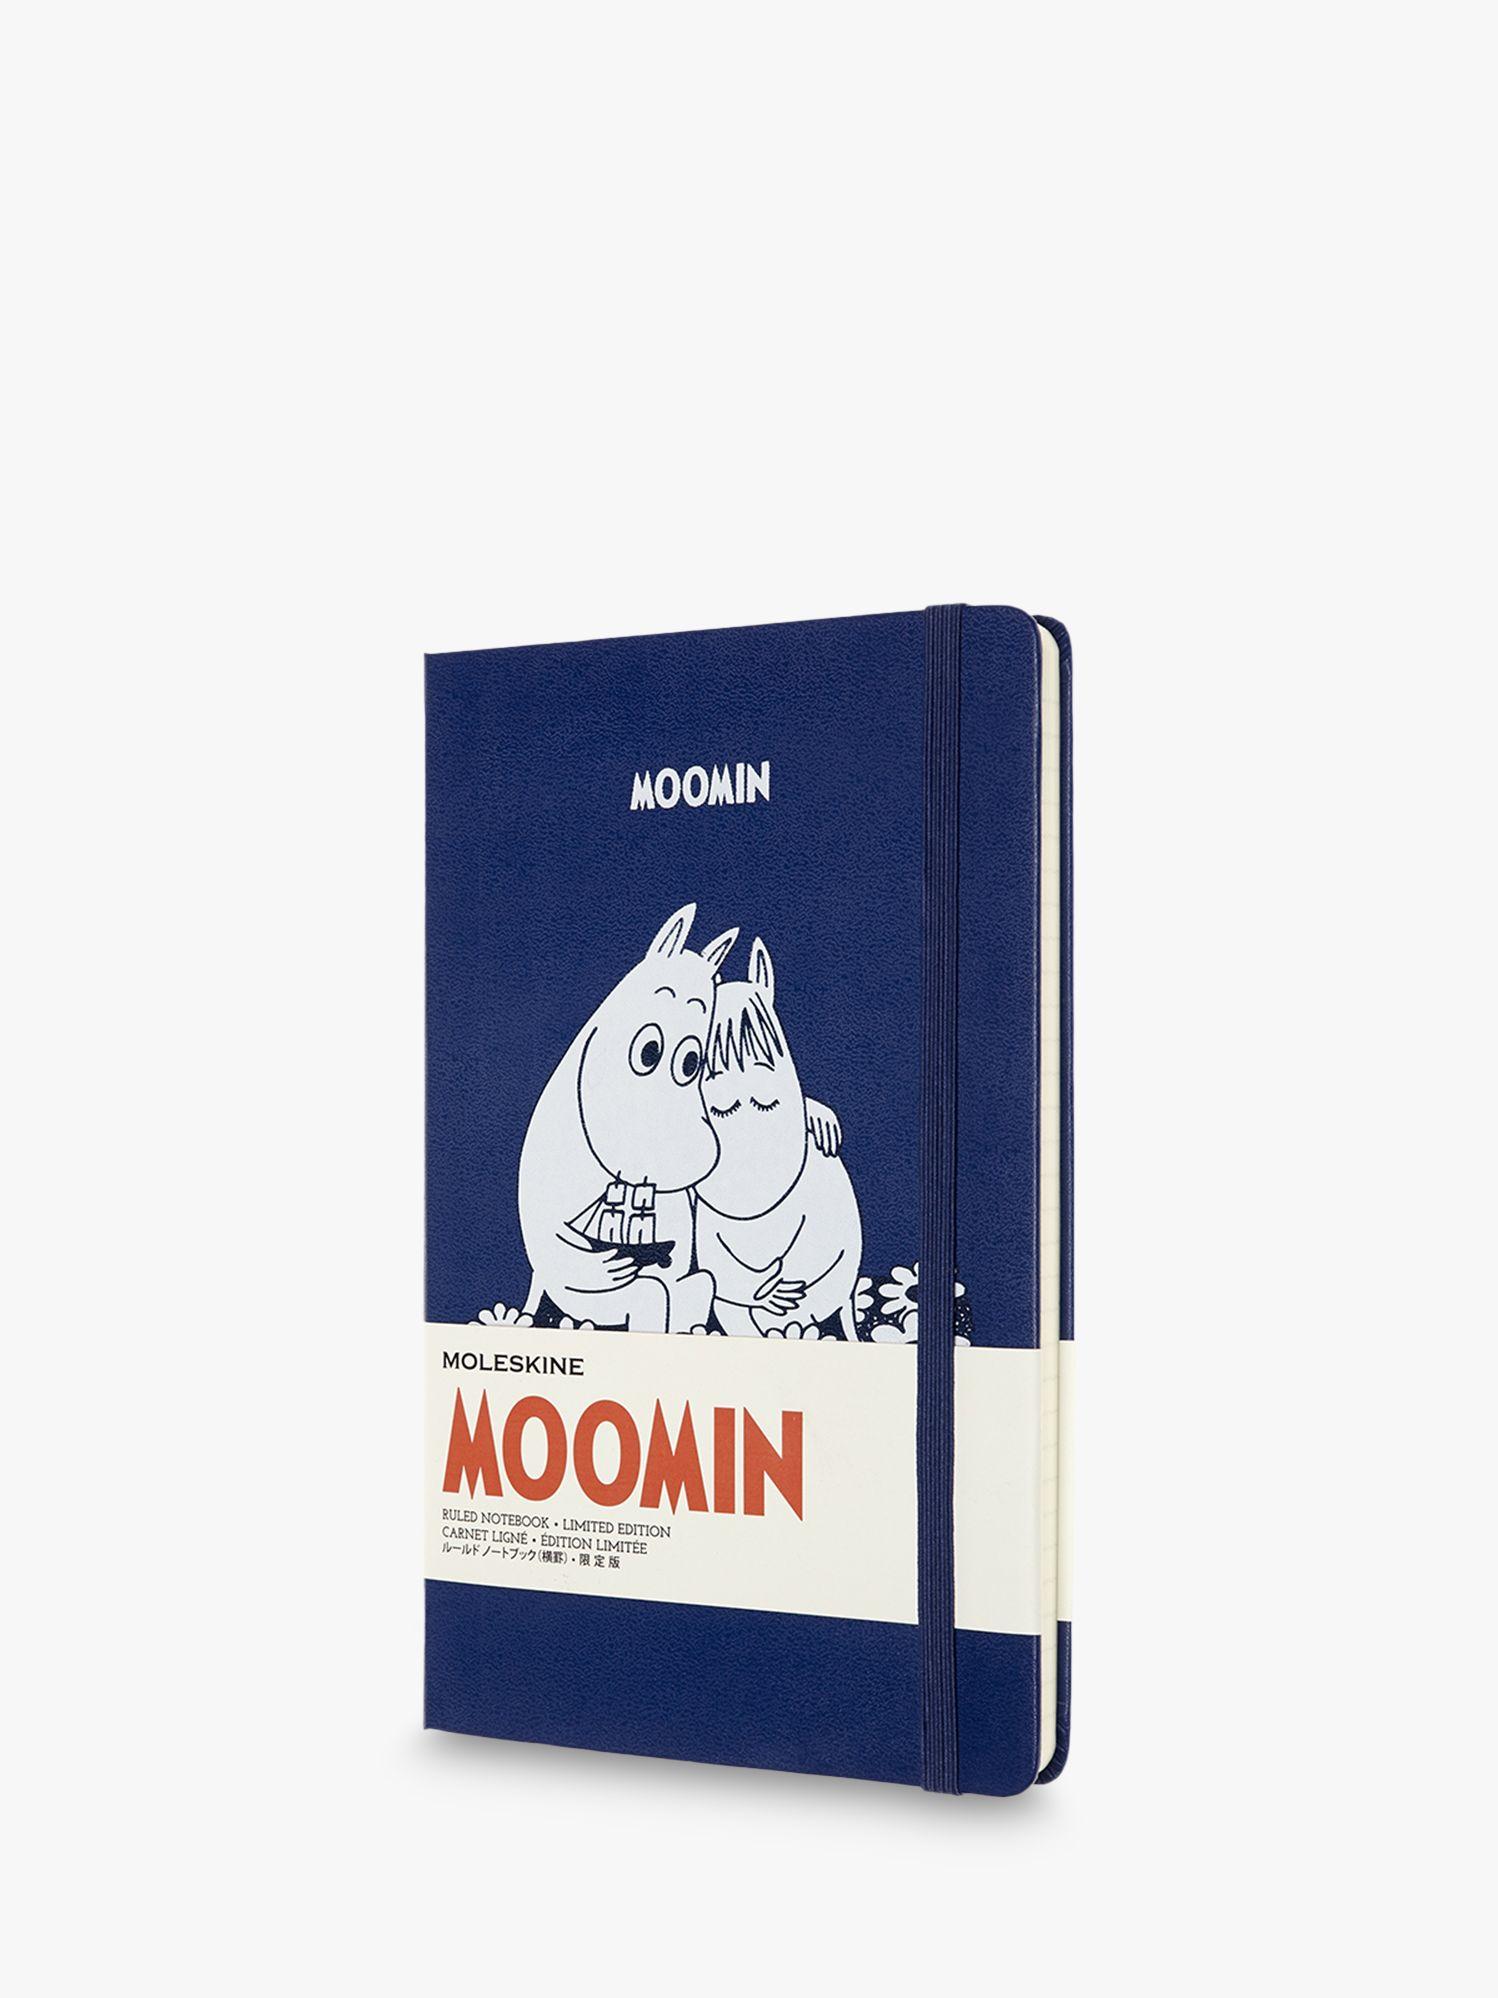 Moleskine Moleskine Large Le Moomin Ruled Notebook, Blue